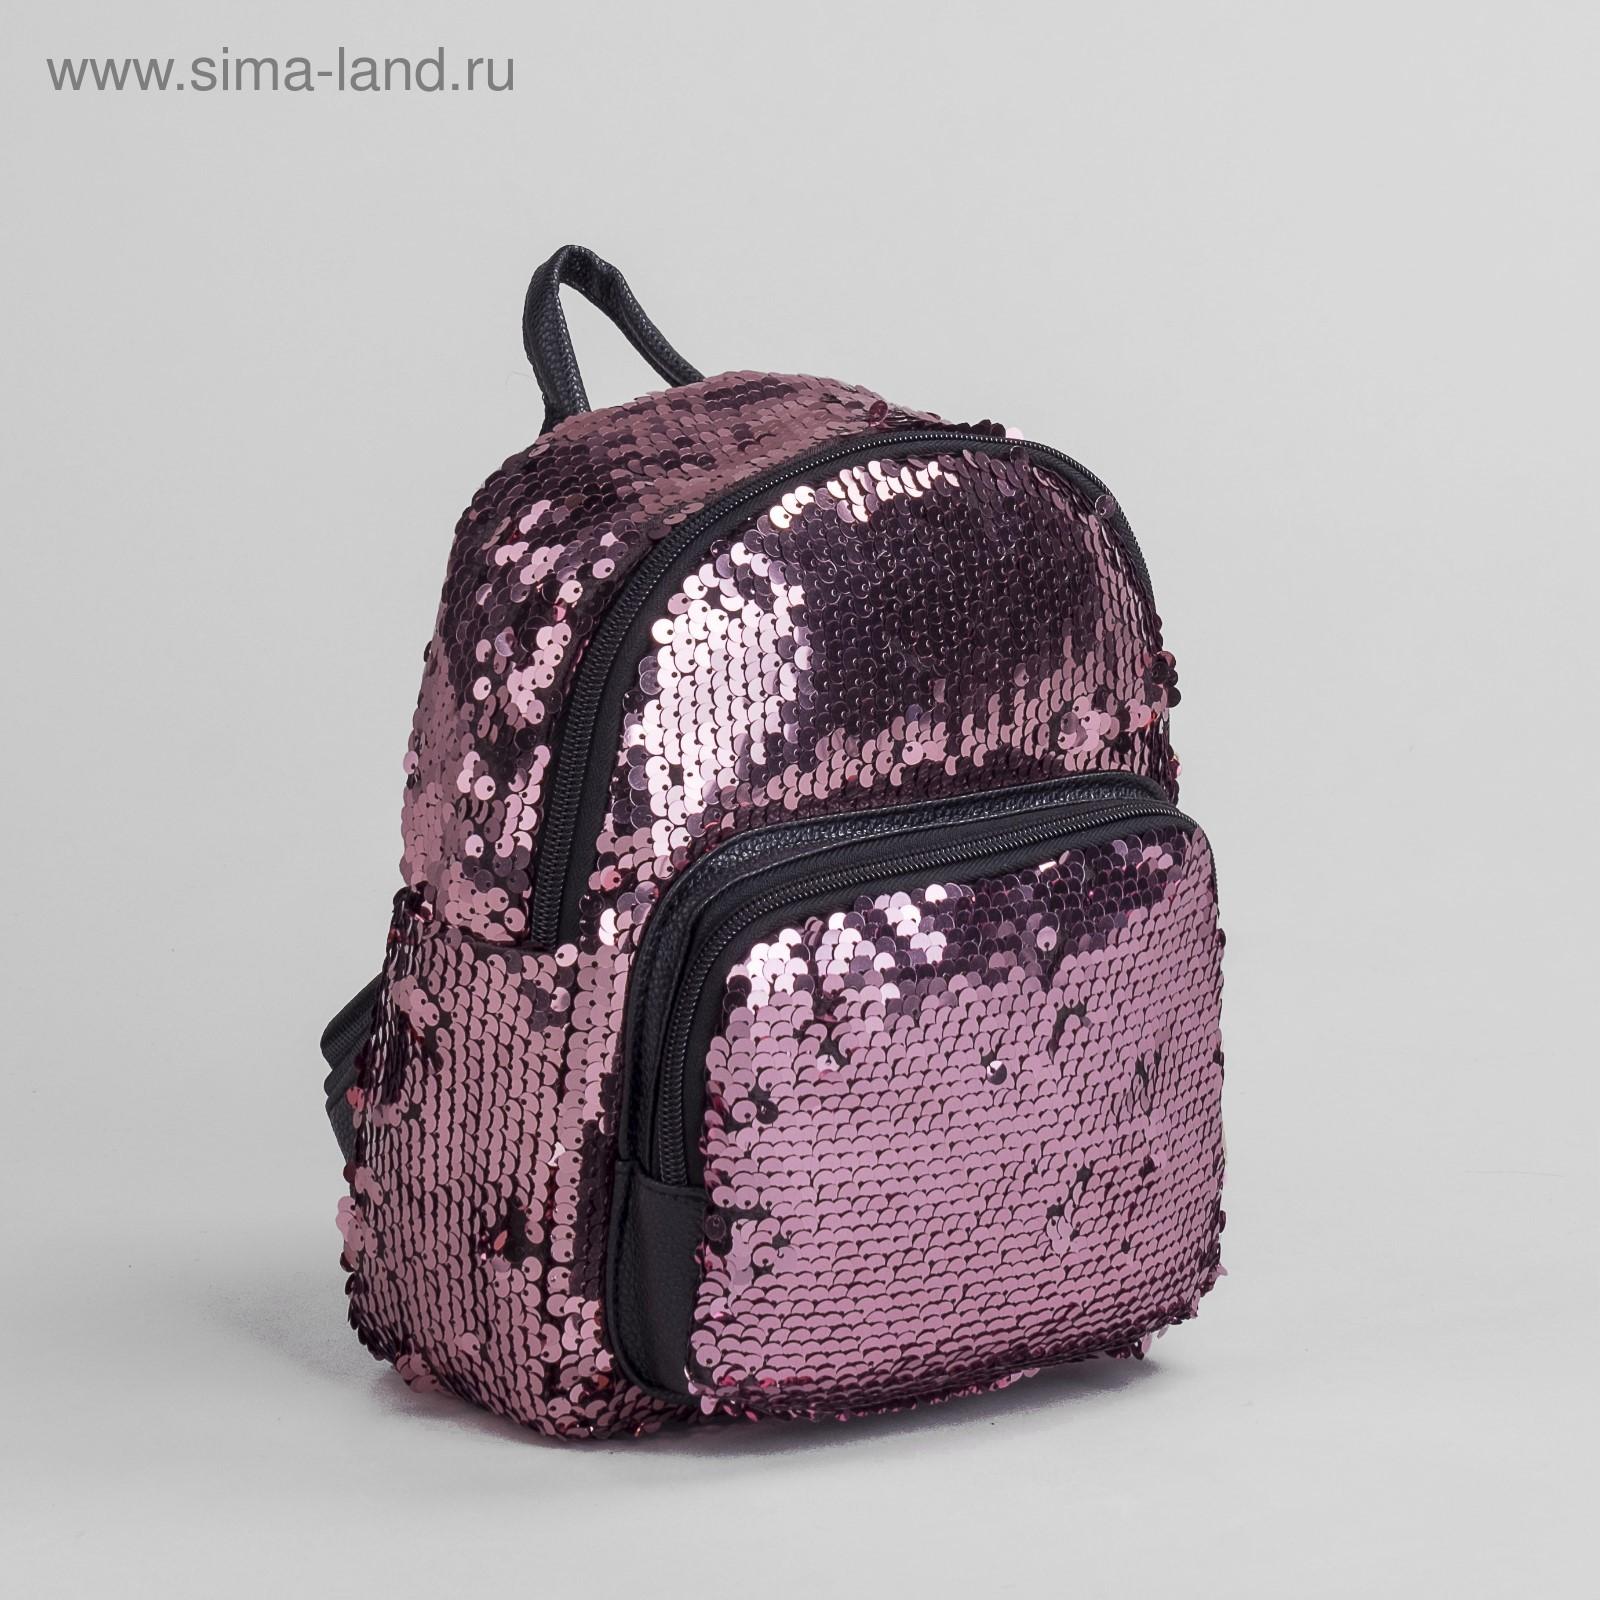 6290b391ff7e Рюкзак молодёжный с пайетками, отдел на молнии, 3 наружных кармана, цвет  розовый